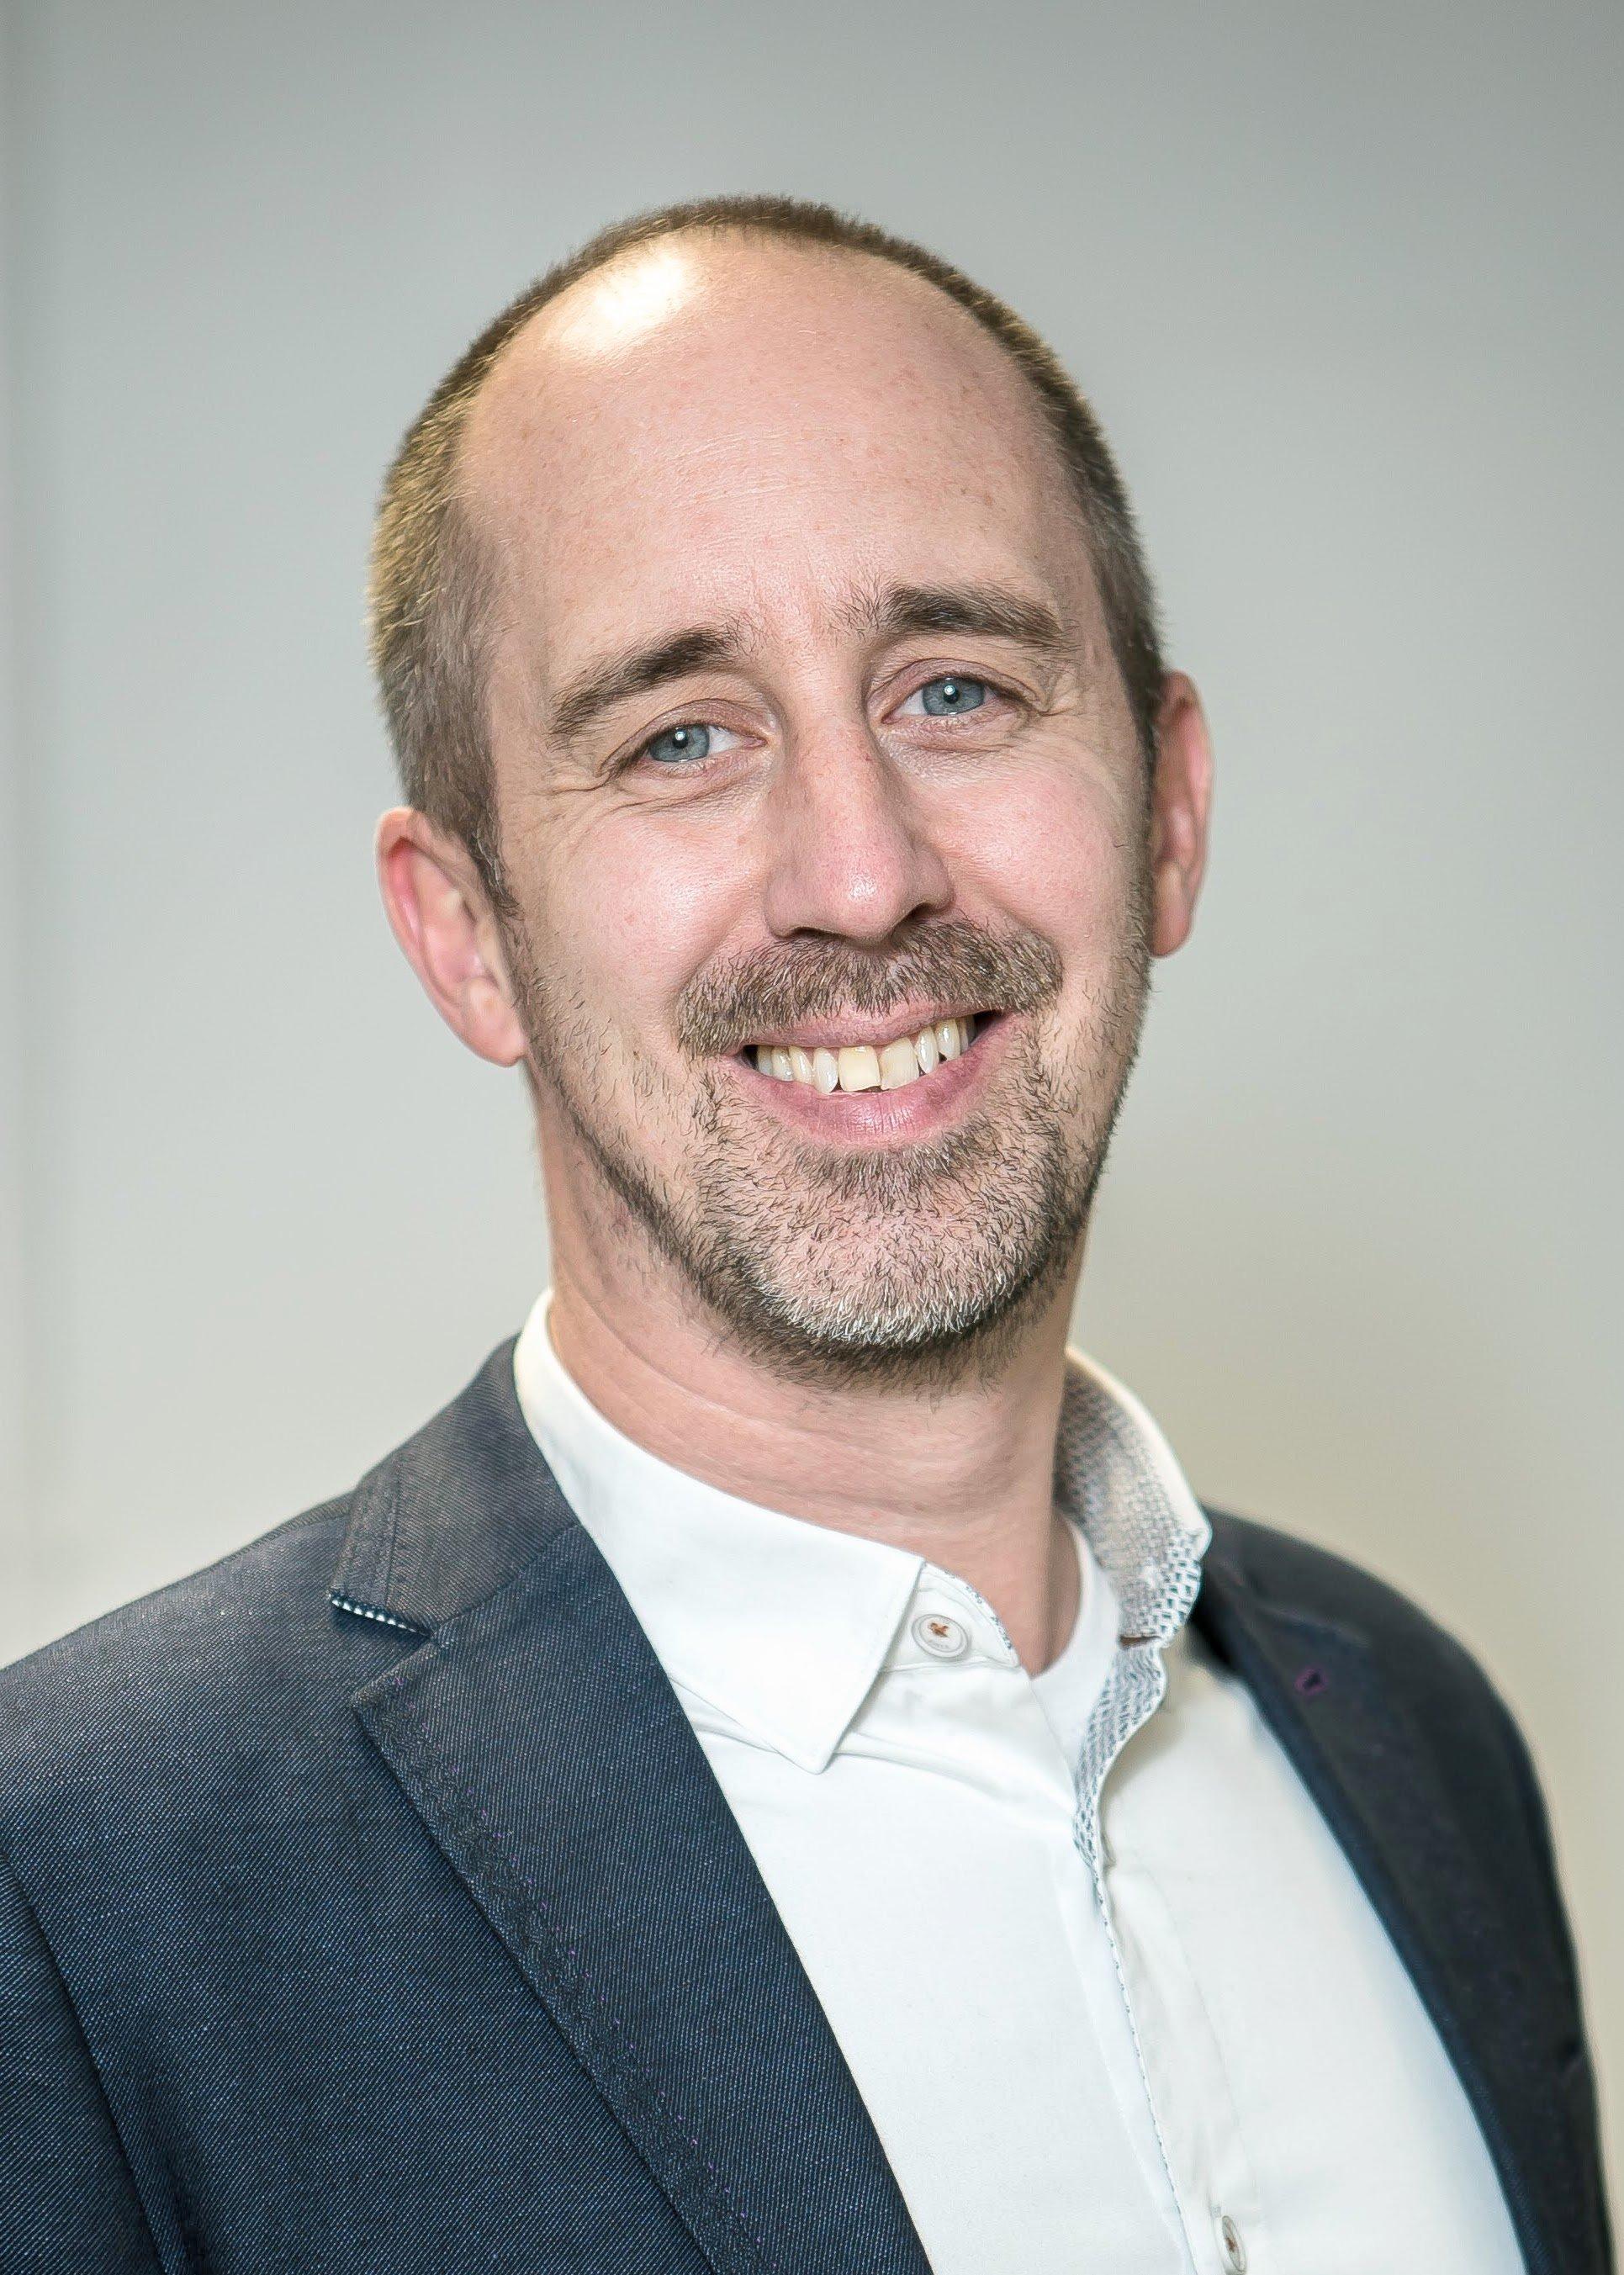 Antstream CEO Steve Cottam